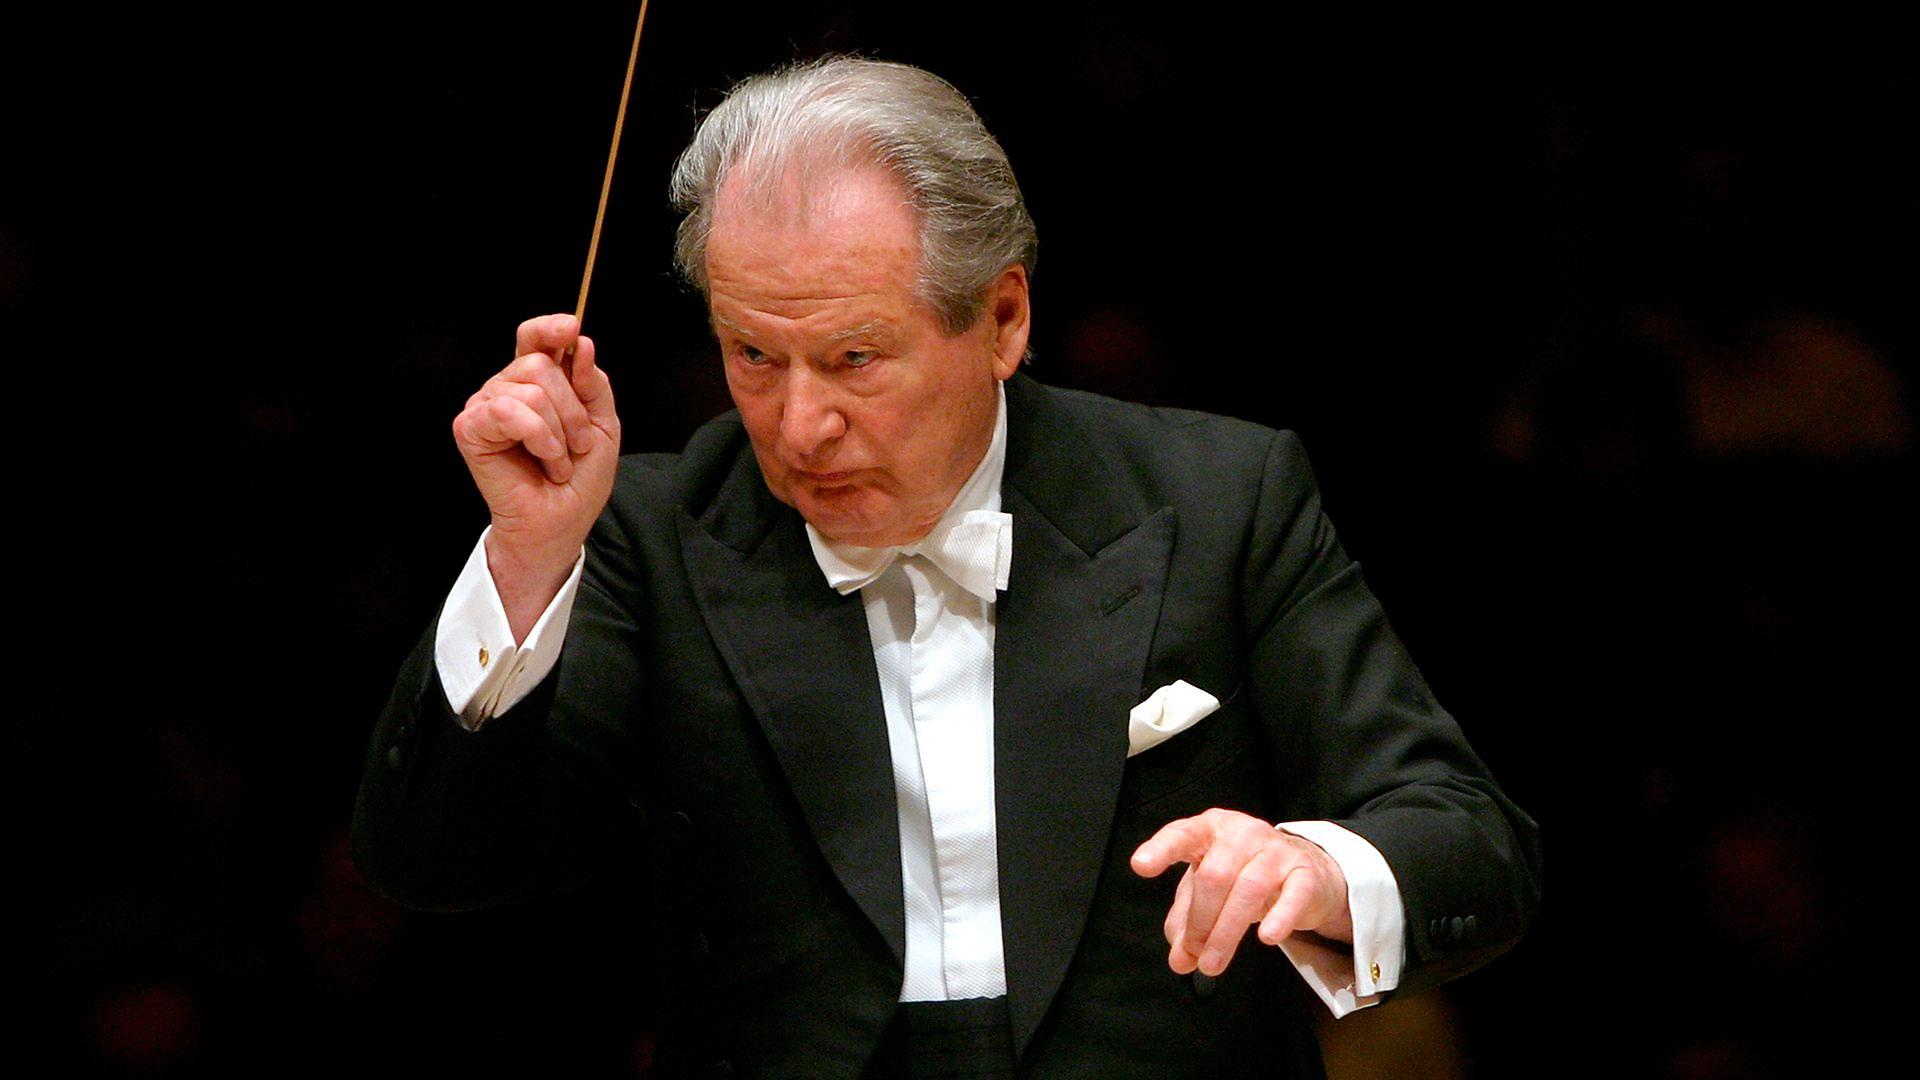 El Mozart luminoso y vital de Sir Neville Marriner al frente de la Sinfónica de Galicia inaugura el ciclo de invierno-primavera de la temporada 14-15